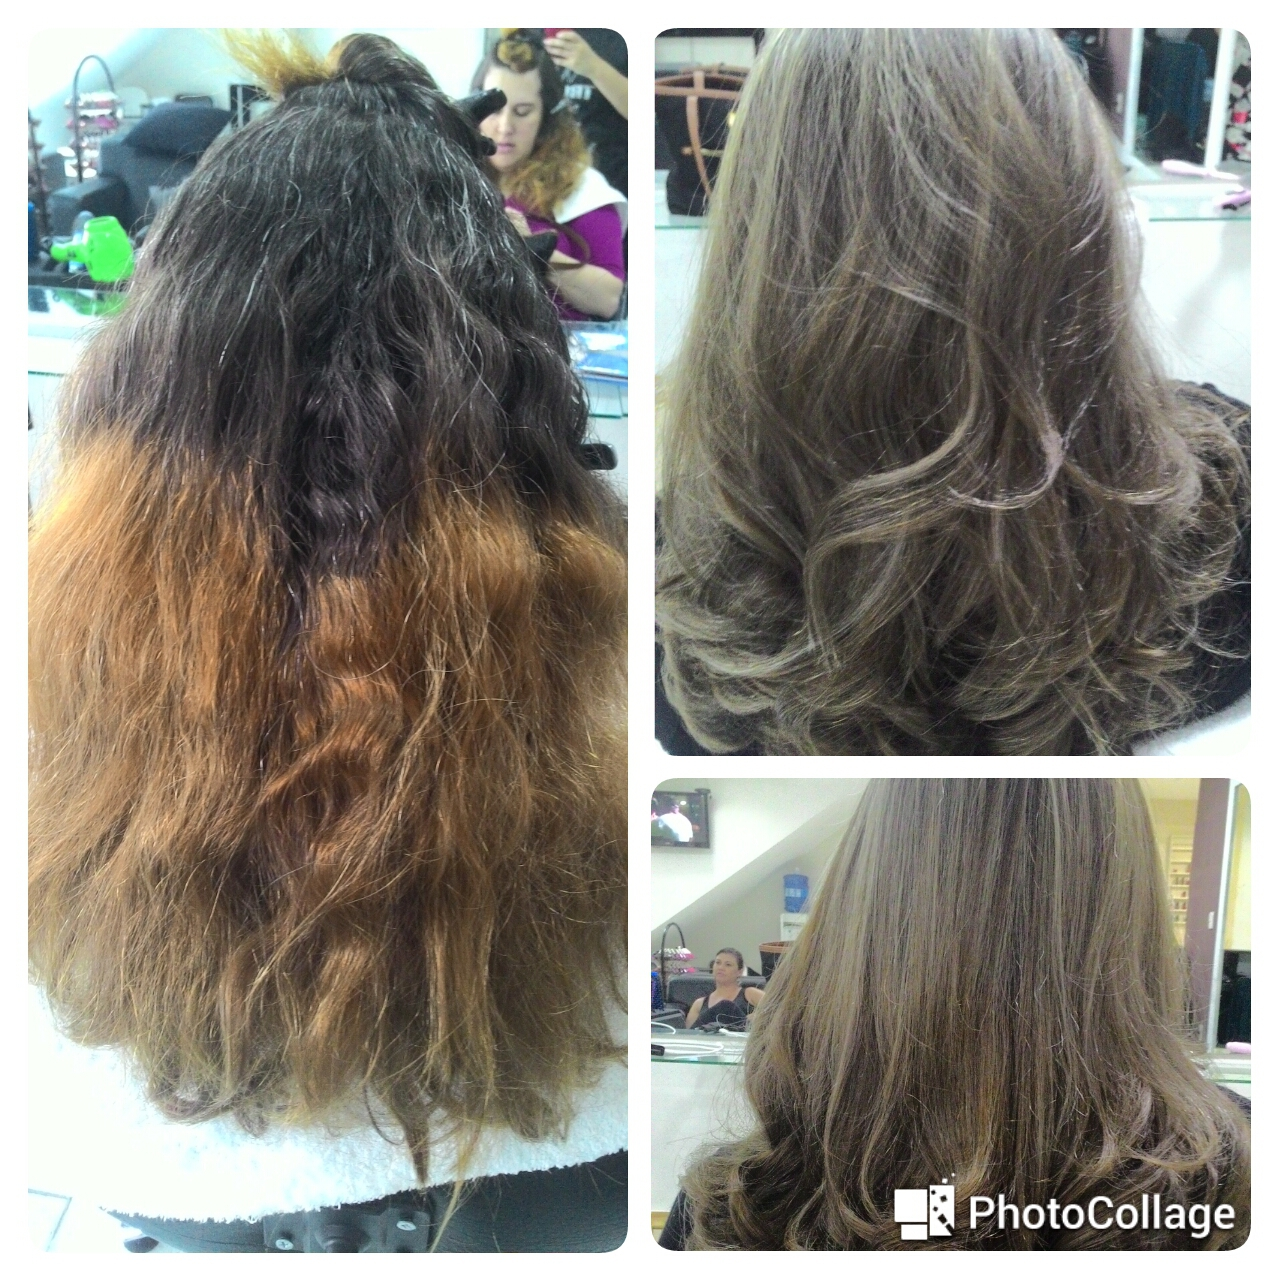 Antes e depois correção de cor cabelo cabeleireiro(a) auxiliar cabeleireiro(a) escovista